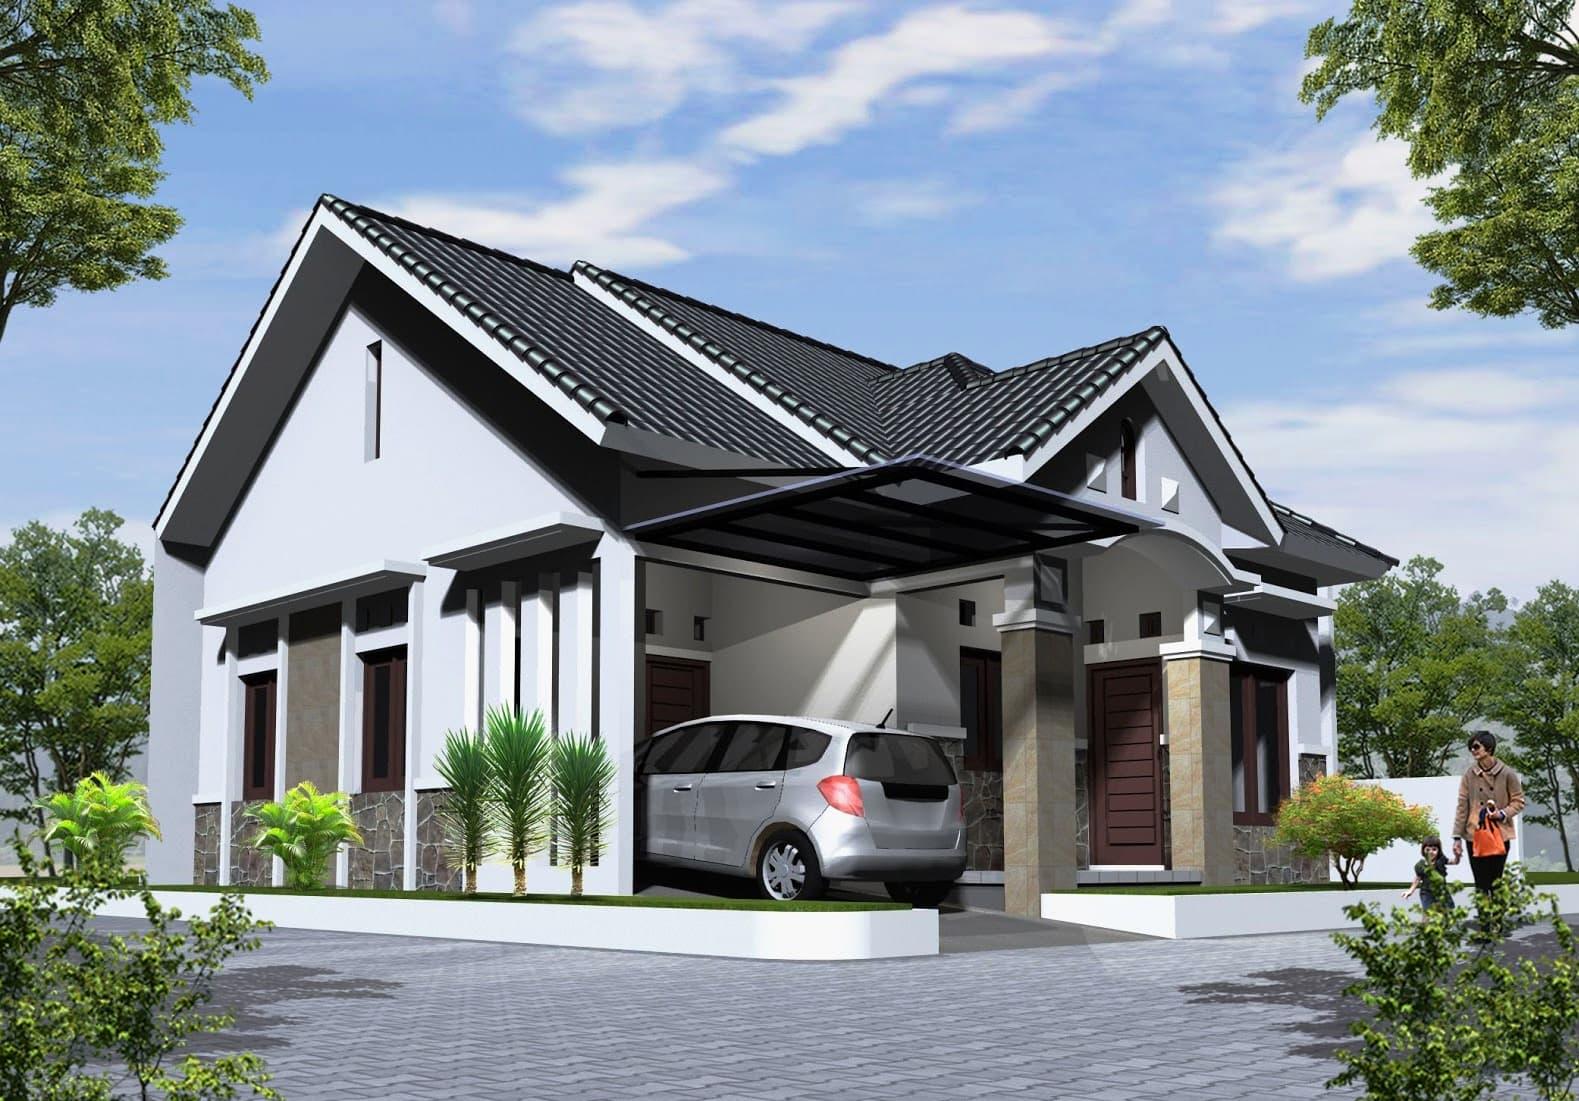 Việc xây dựng tầng bán hầm tương ứng với việc mặt chung của ngôi biệt thự sẽ được nâng lên cao hơn